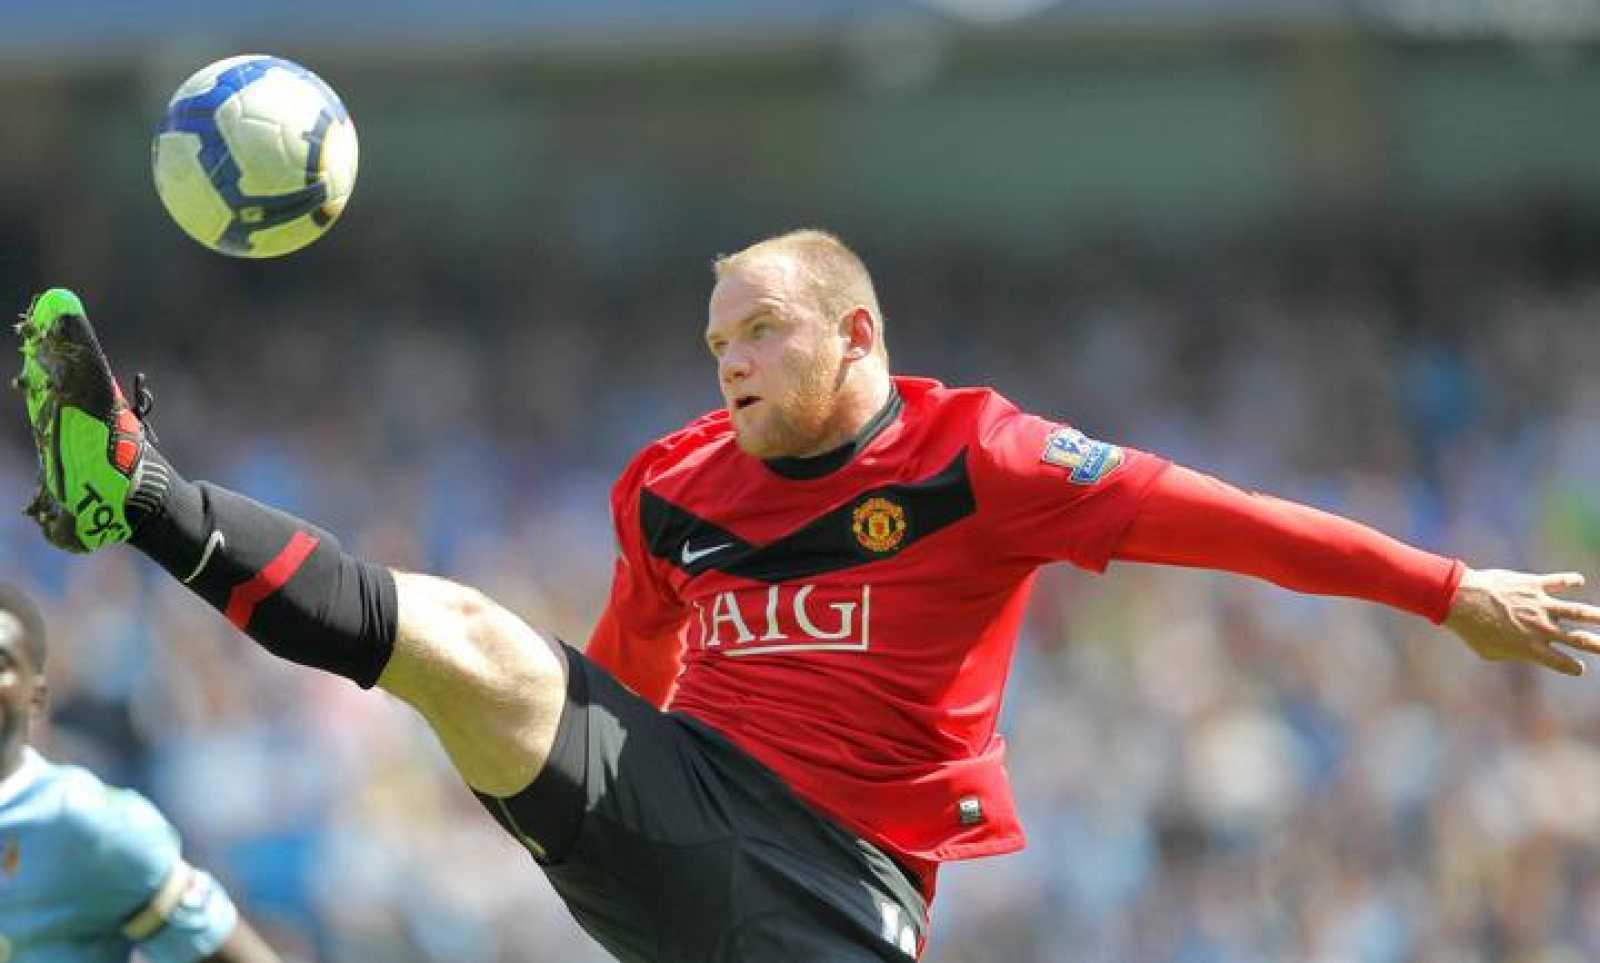 El jugador del Manchester United Wayne Rooney